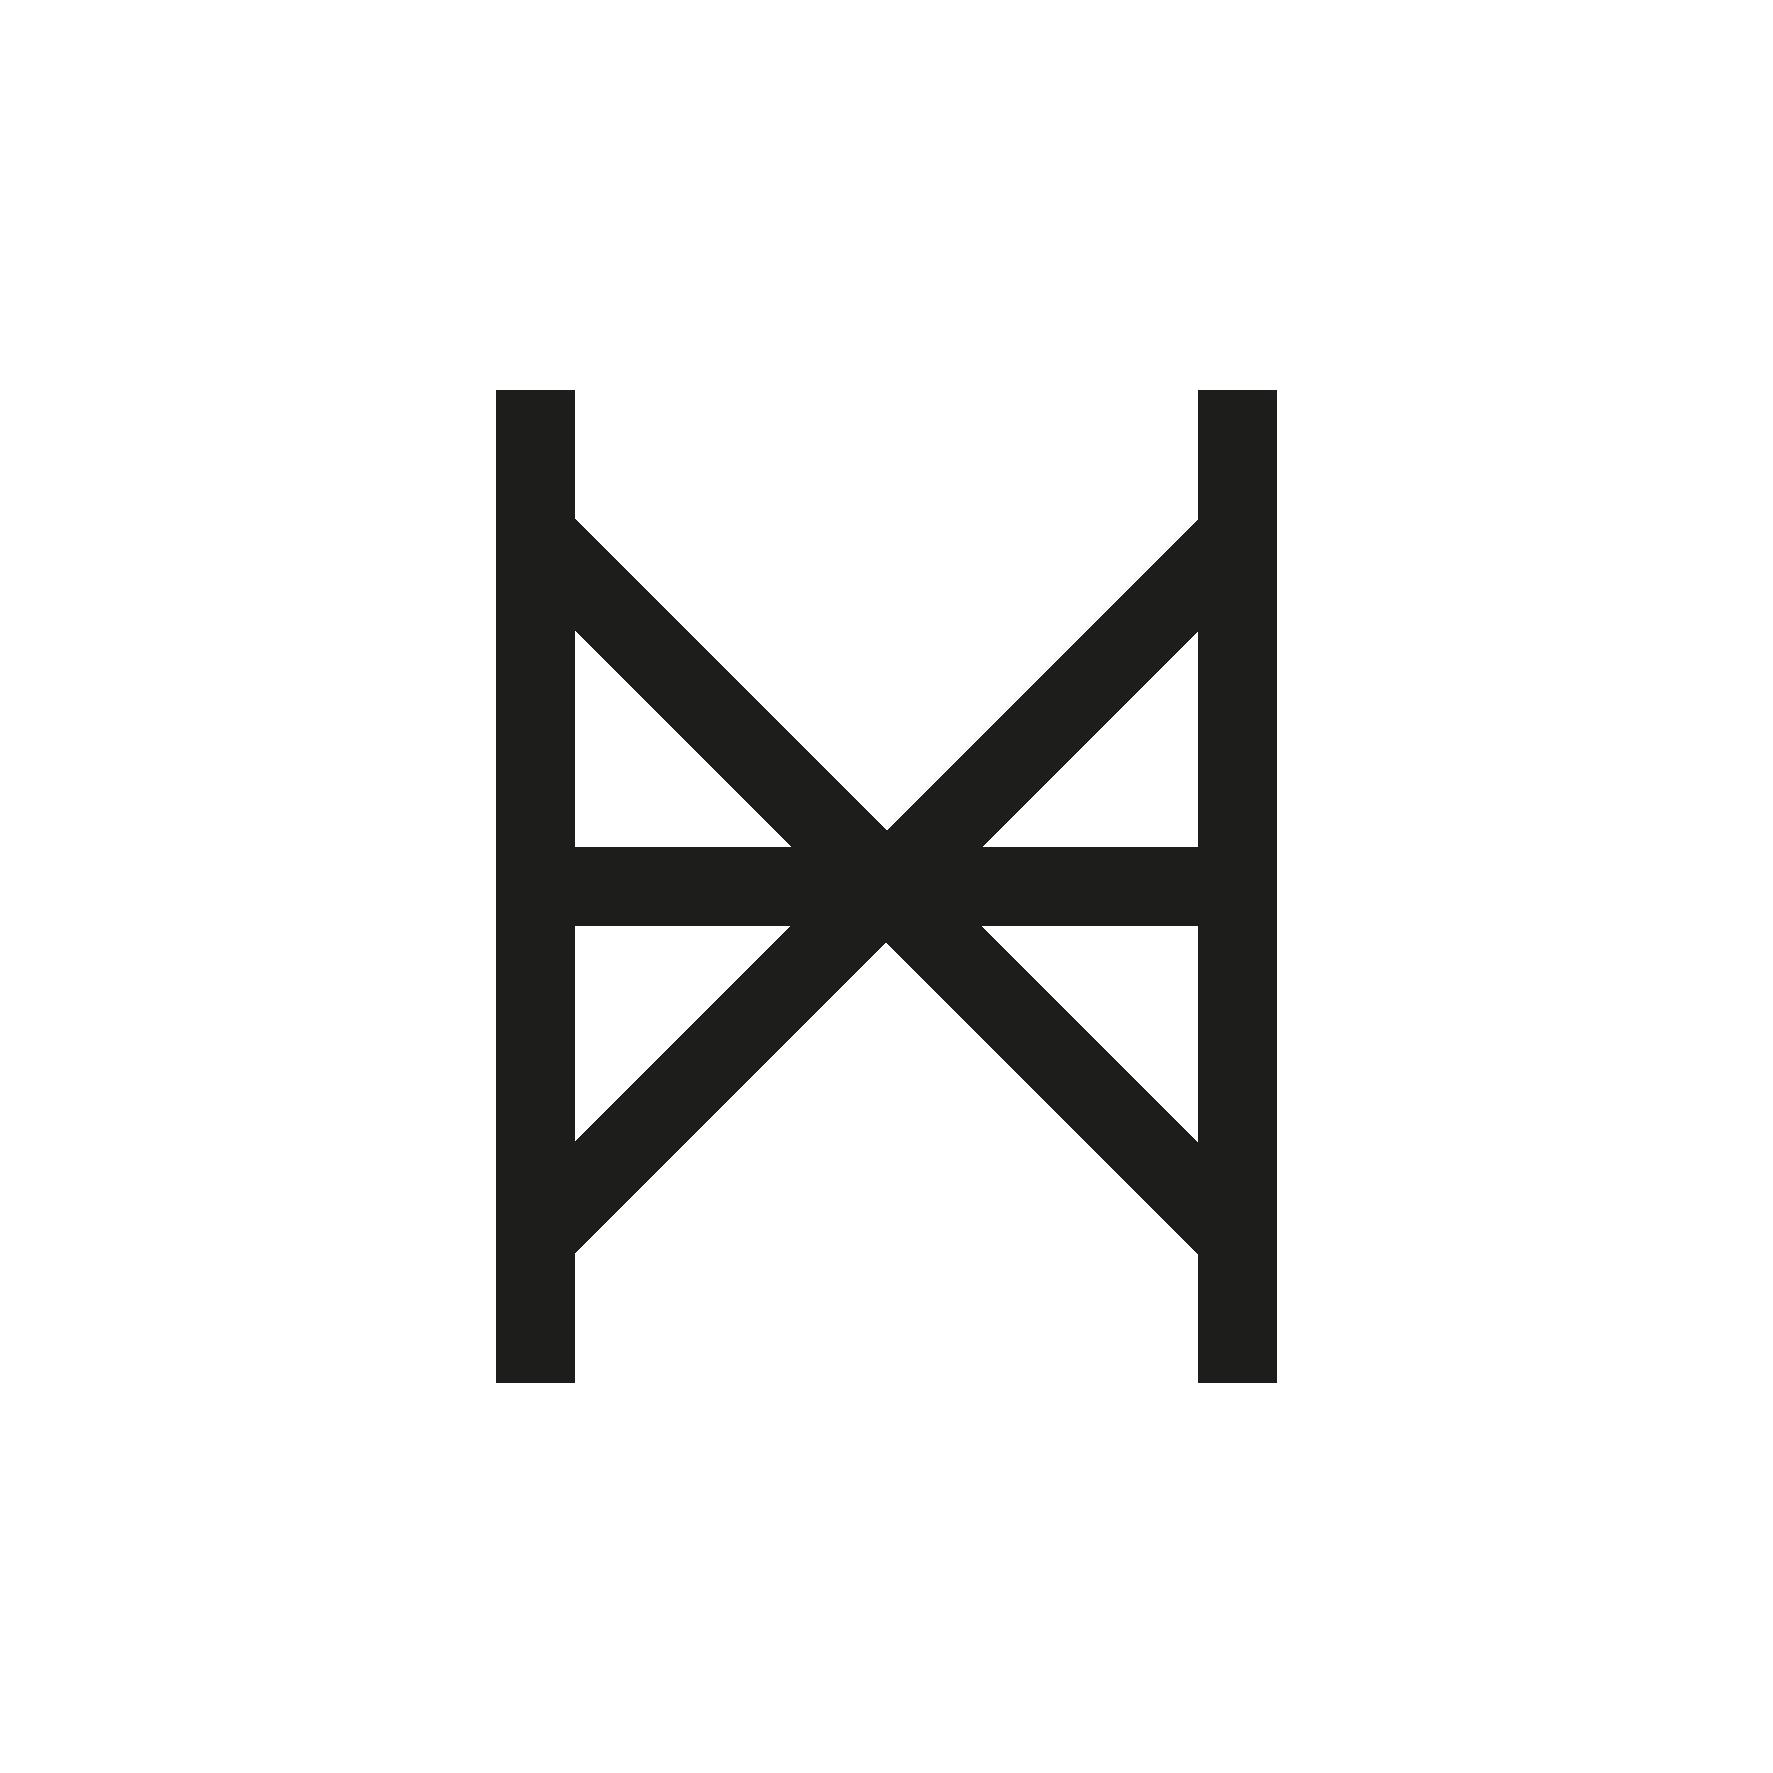 fg_hymagasinet_logo_symbol_svart_v_v